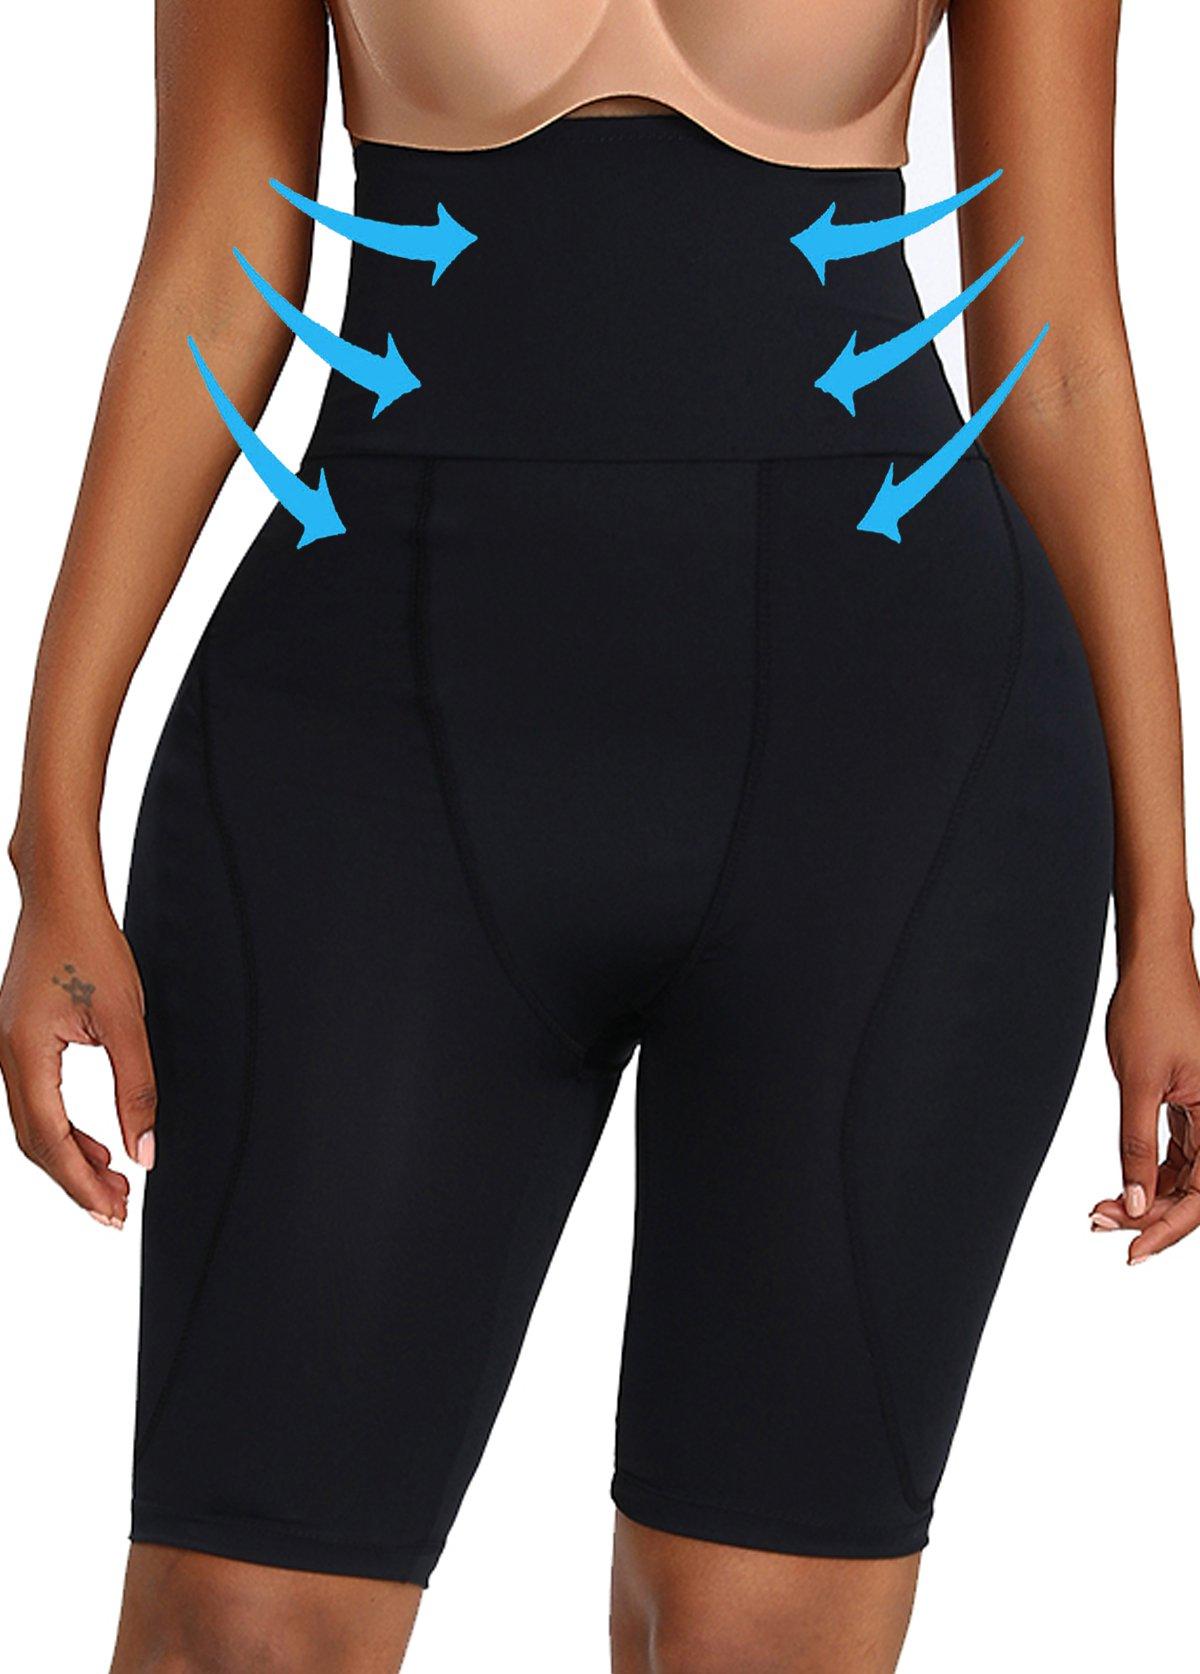 High Waist Elastic Detail Solid Skinny Panties